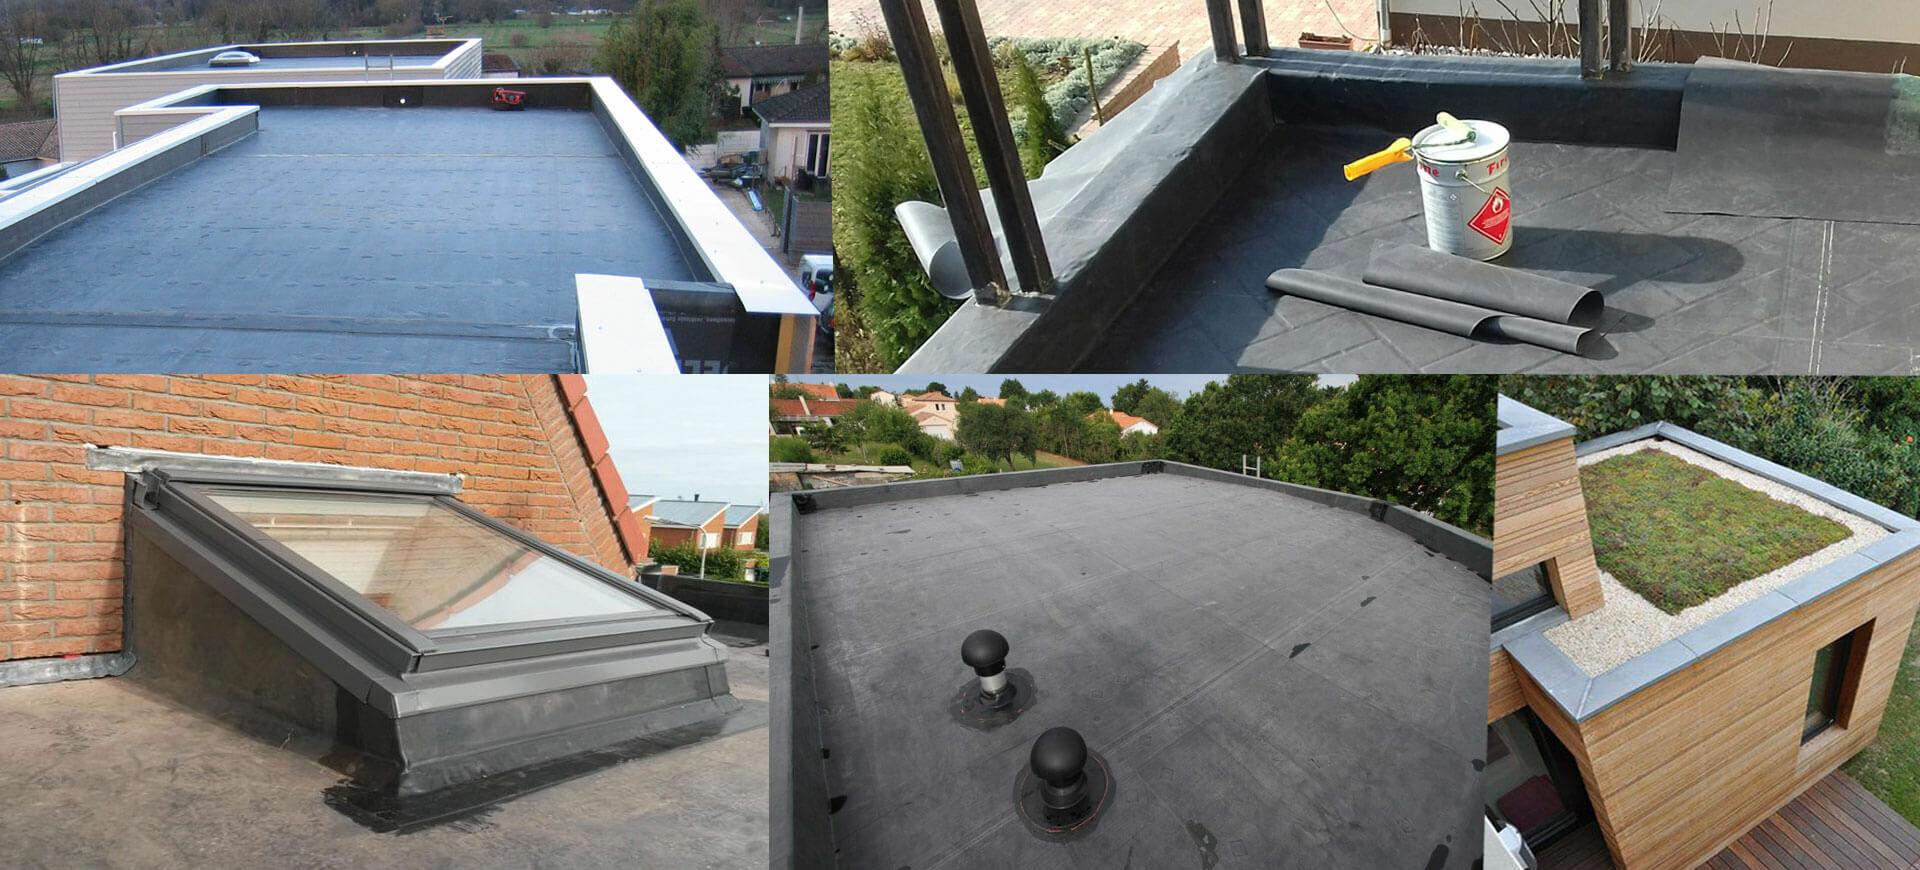 Lapostető szigetelés vízszigetelés beépítési lehetőségek terasz tetőablak garázstető